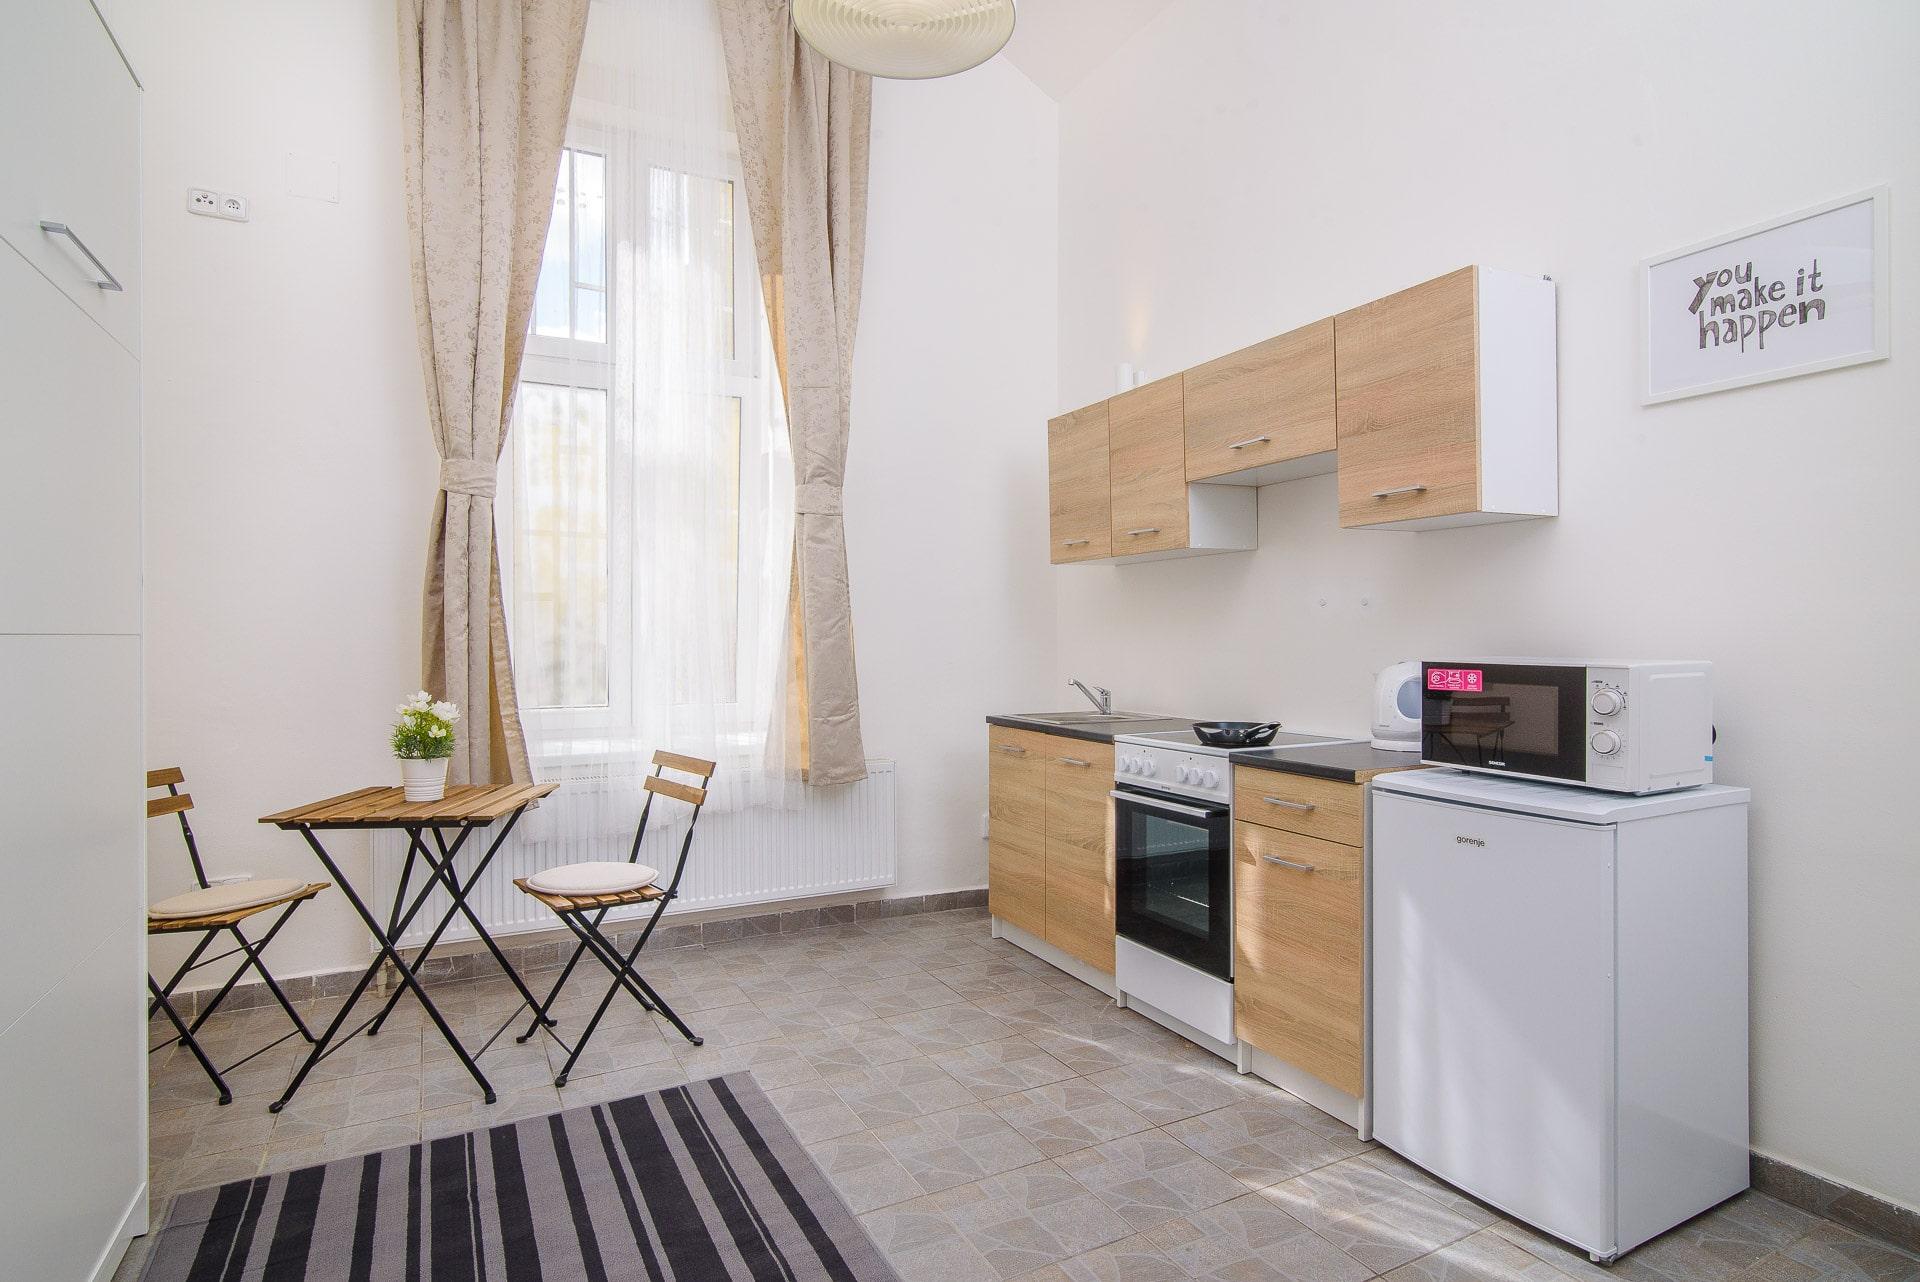 102 Cozy studio apartment in Prague for rent | EULIVIA ...